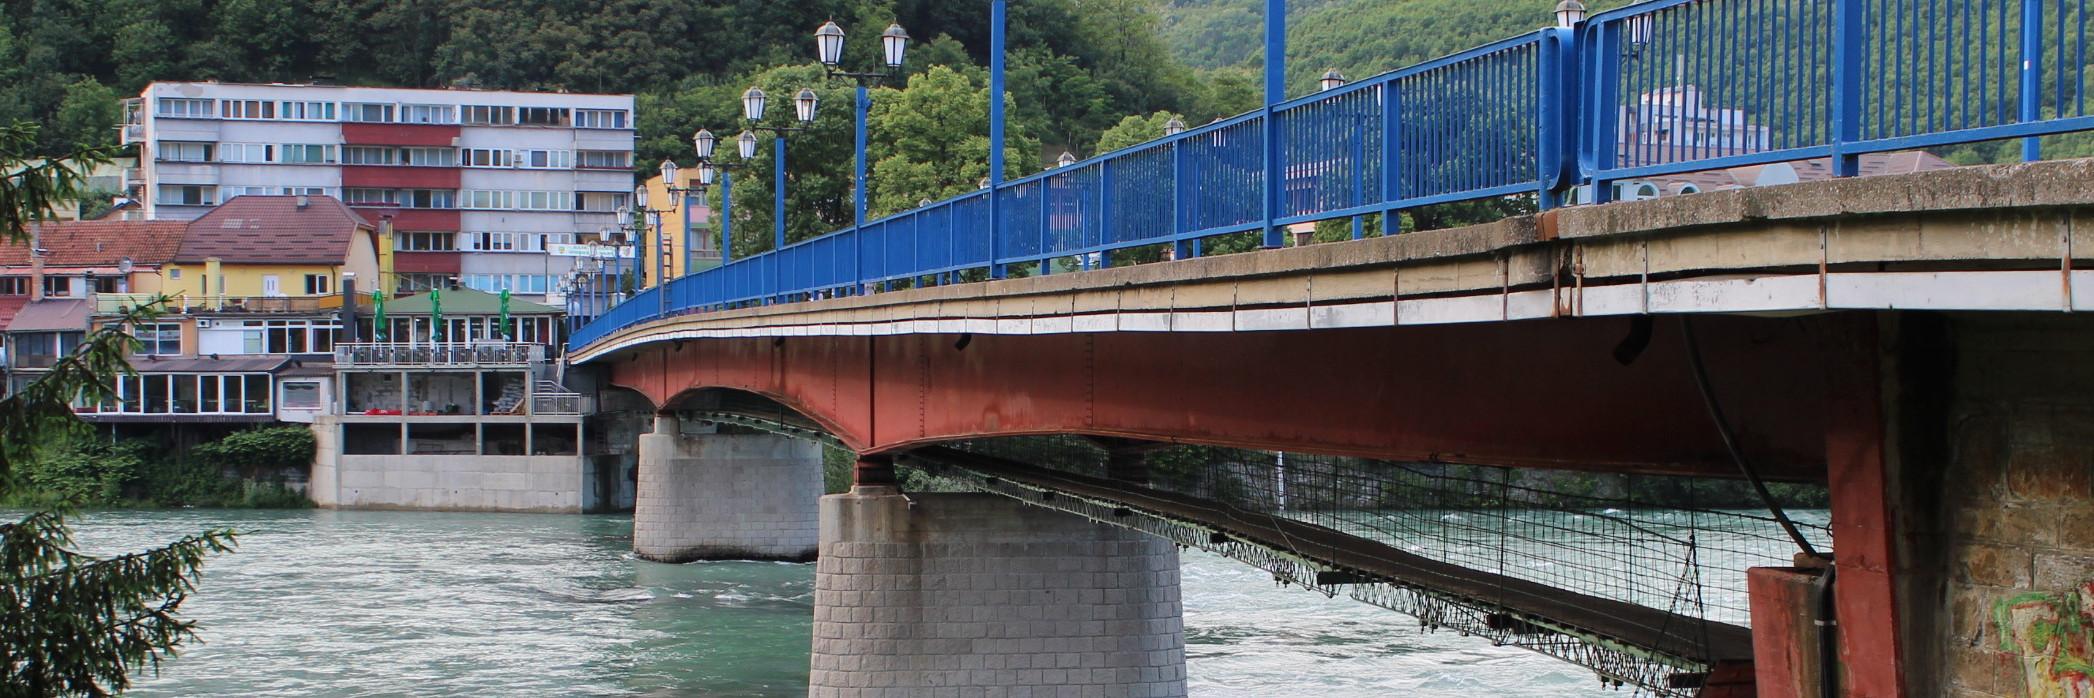 Мост под мостом